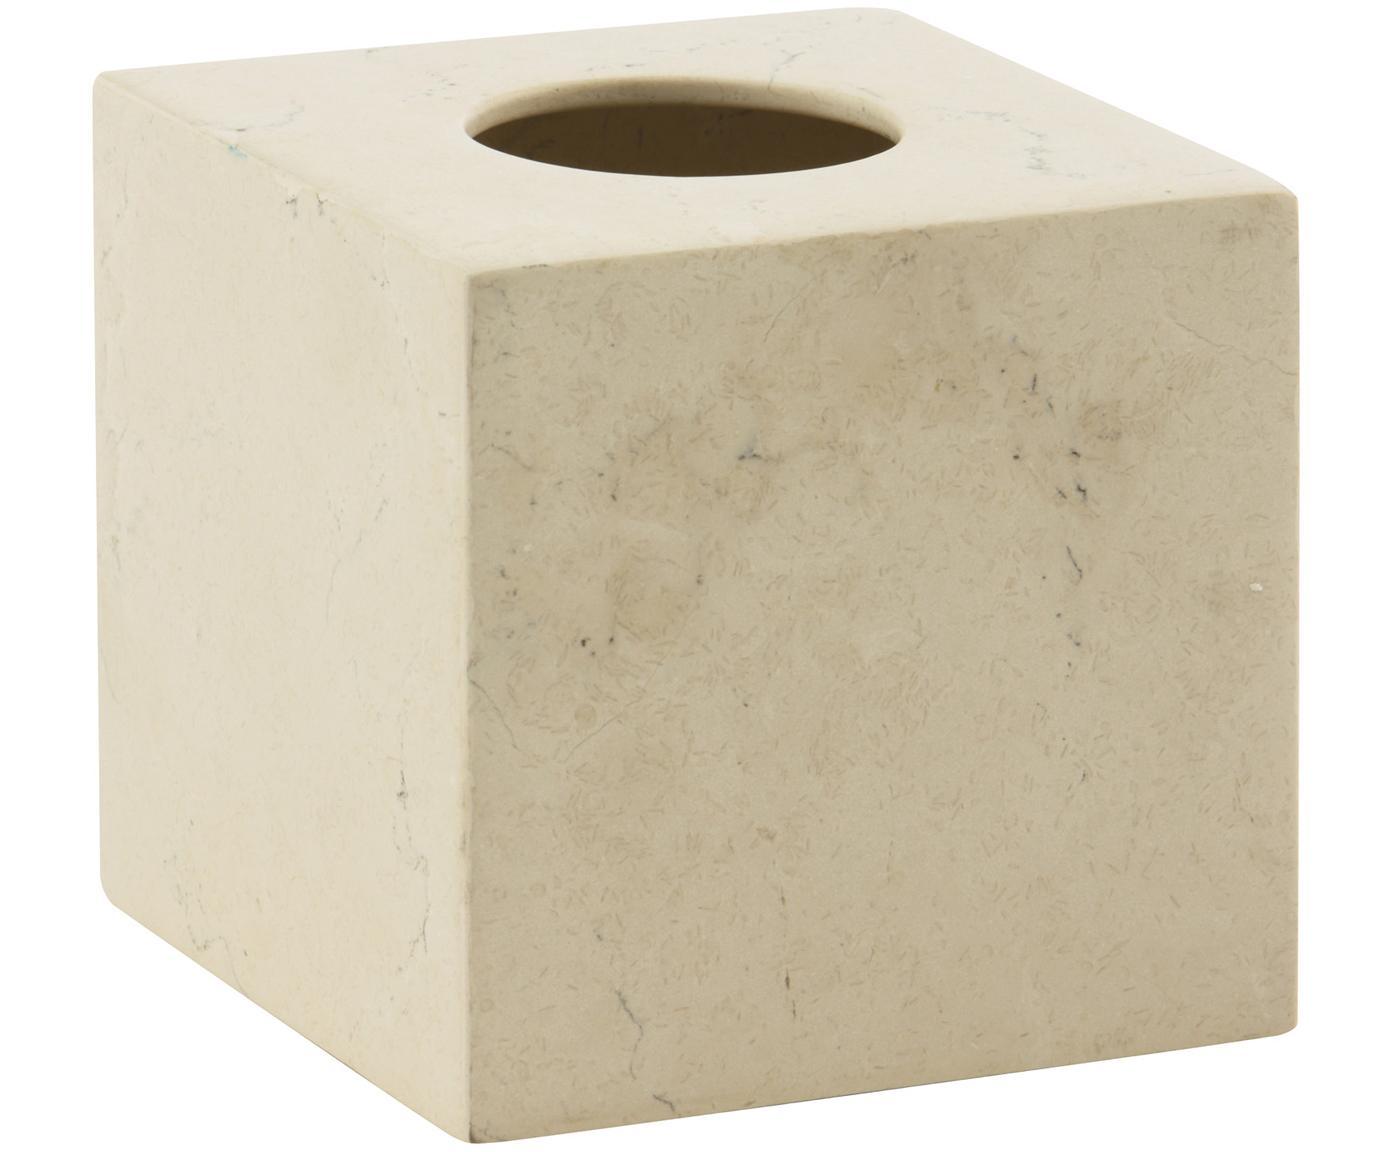 Marmeren tissuebox Luxor, Marmer, Beige, 13 x 13 cm